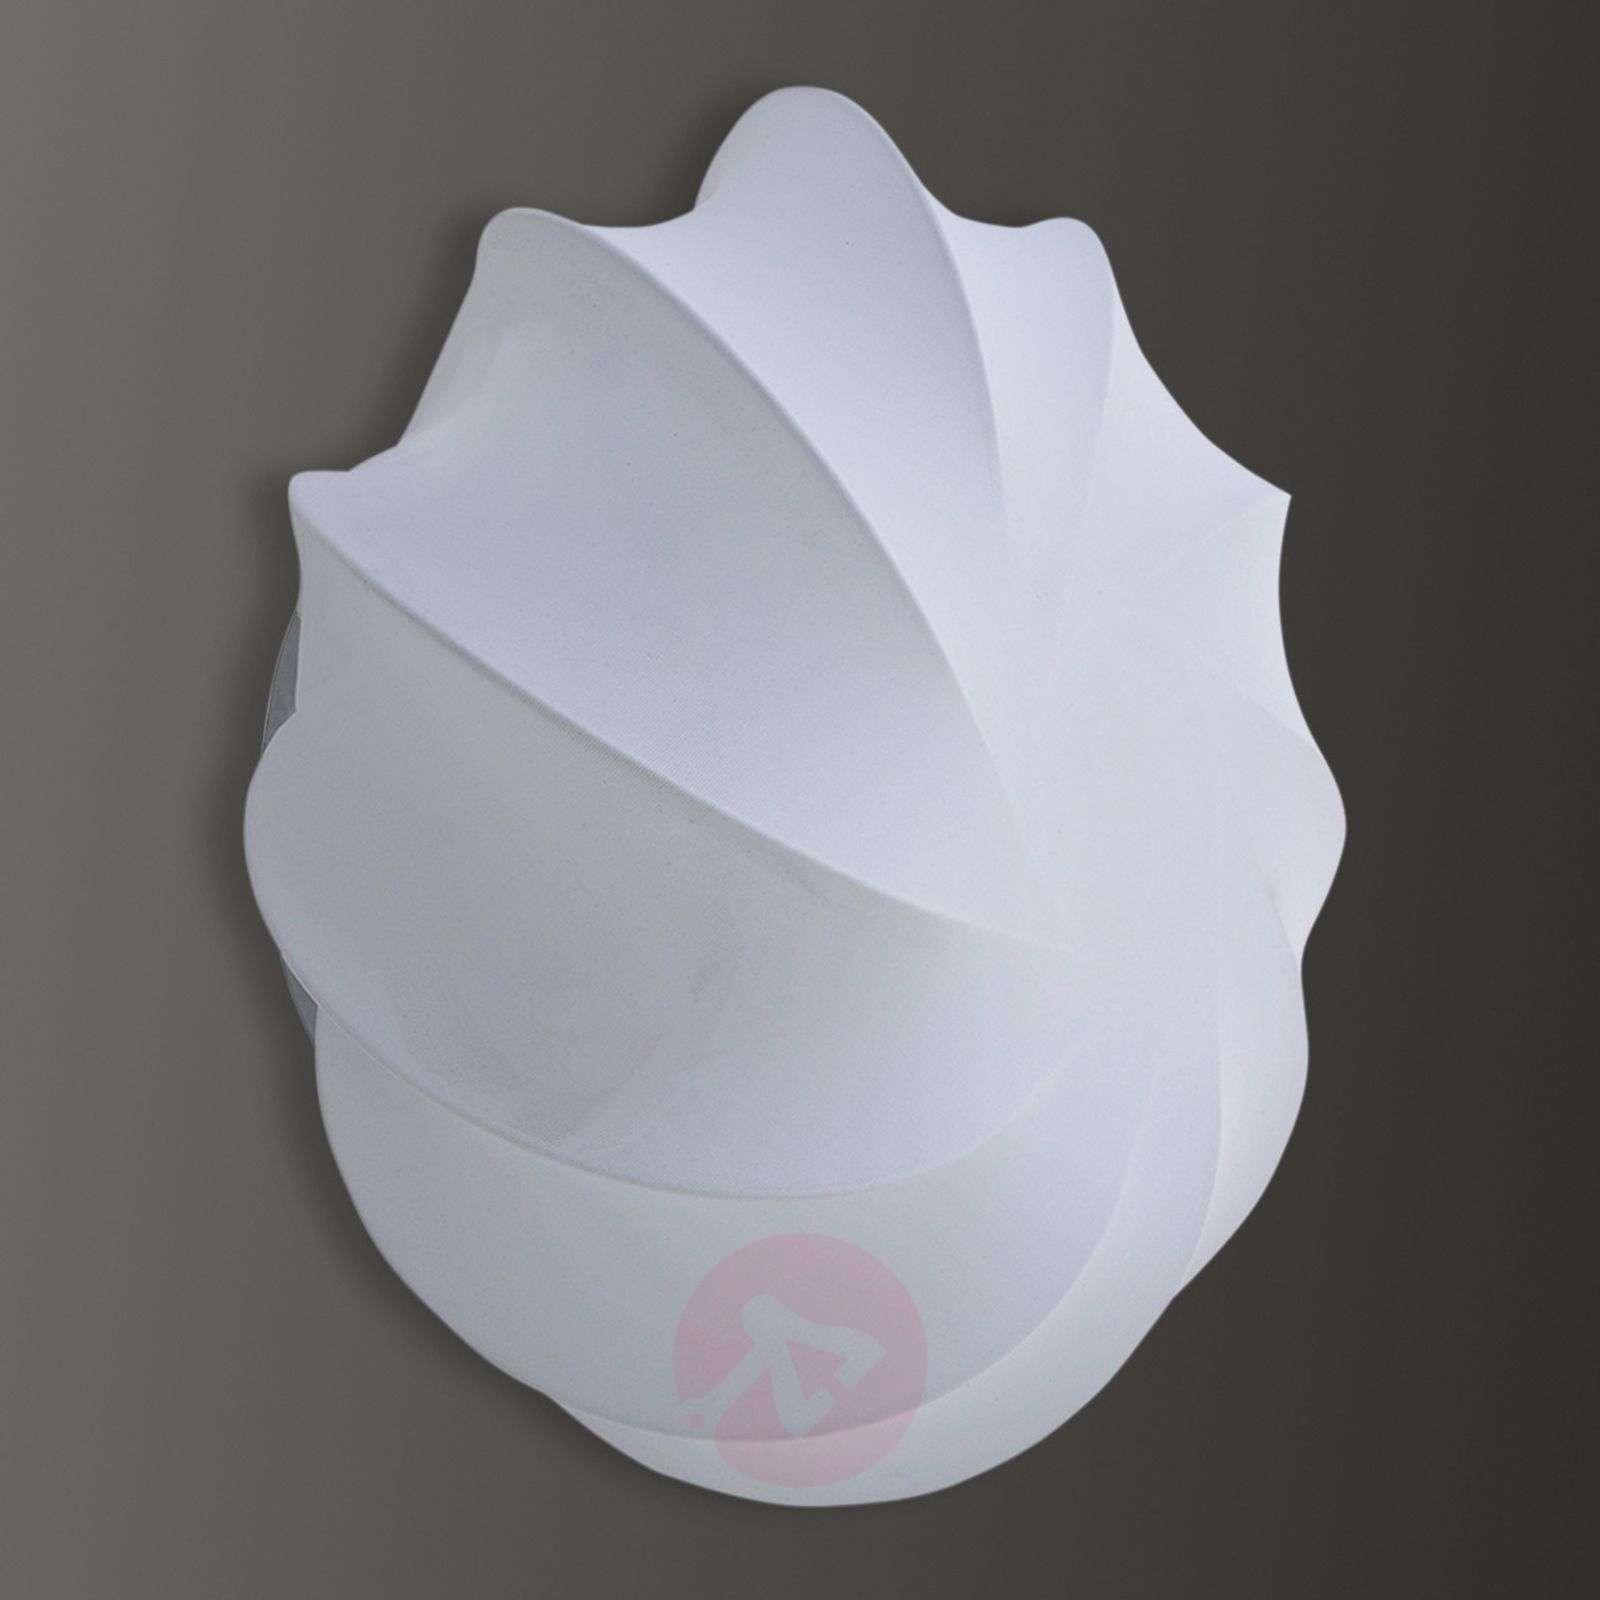 Kankainen Glo-kattovalaisin 60 cm, valkoinen-1069003-01